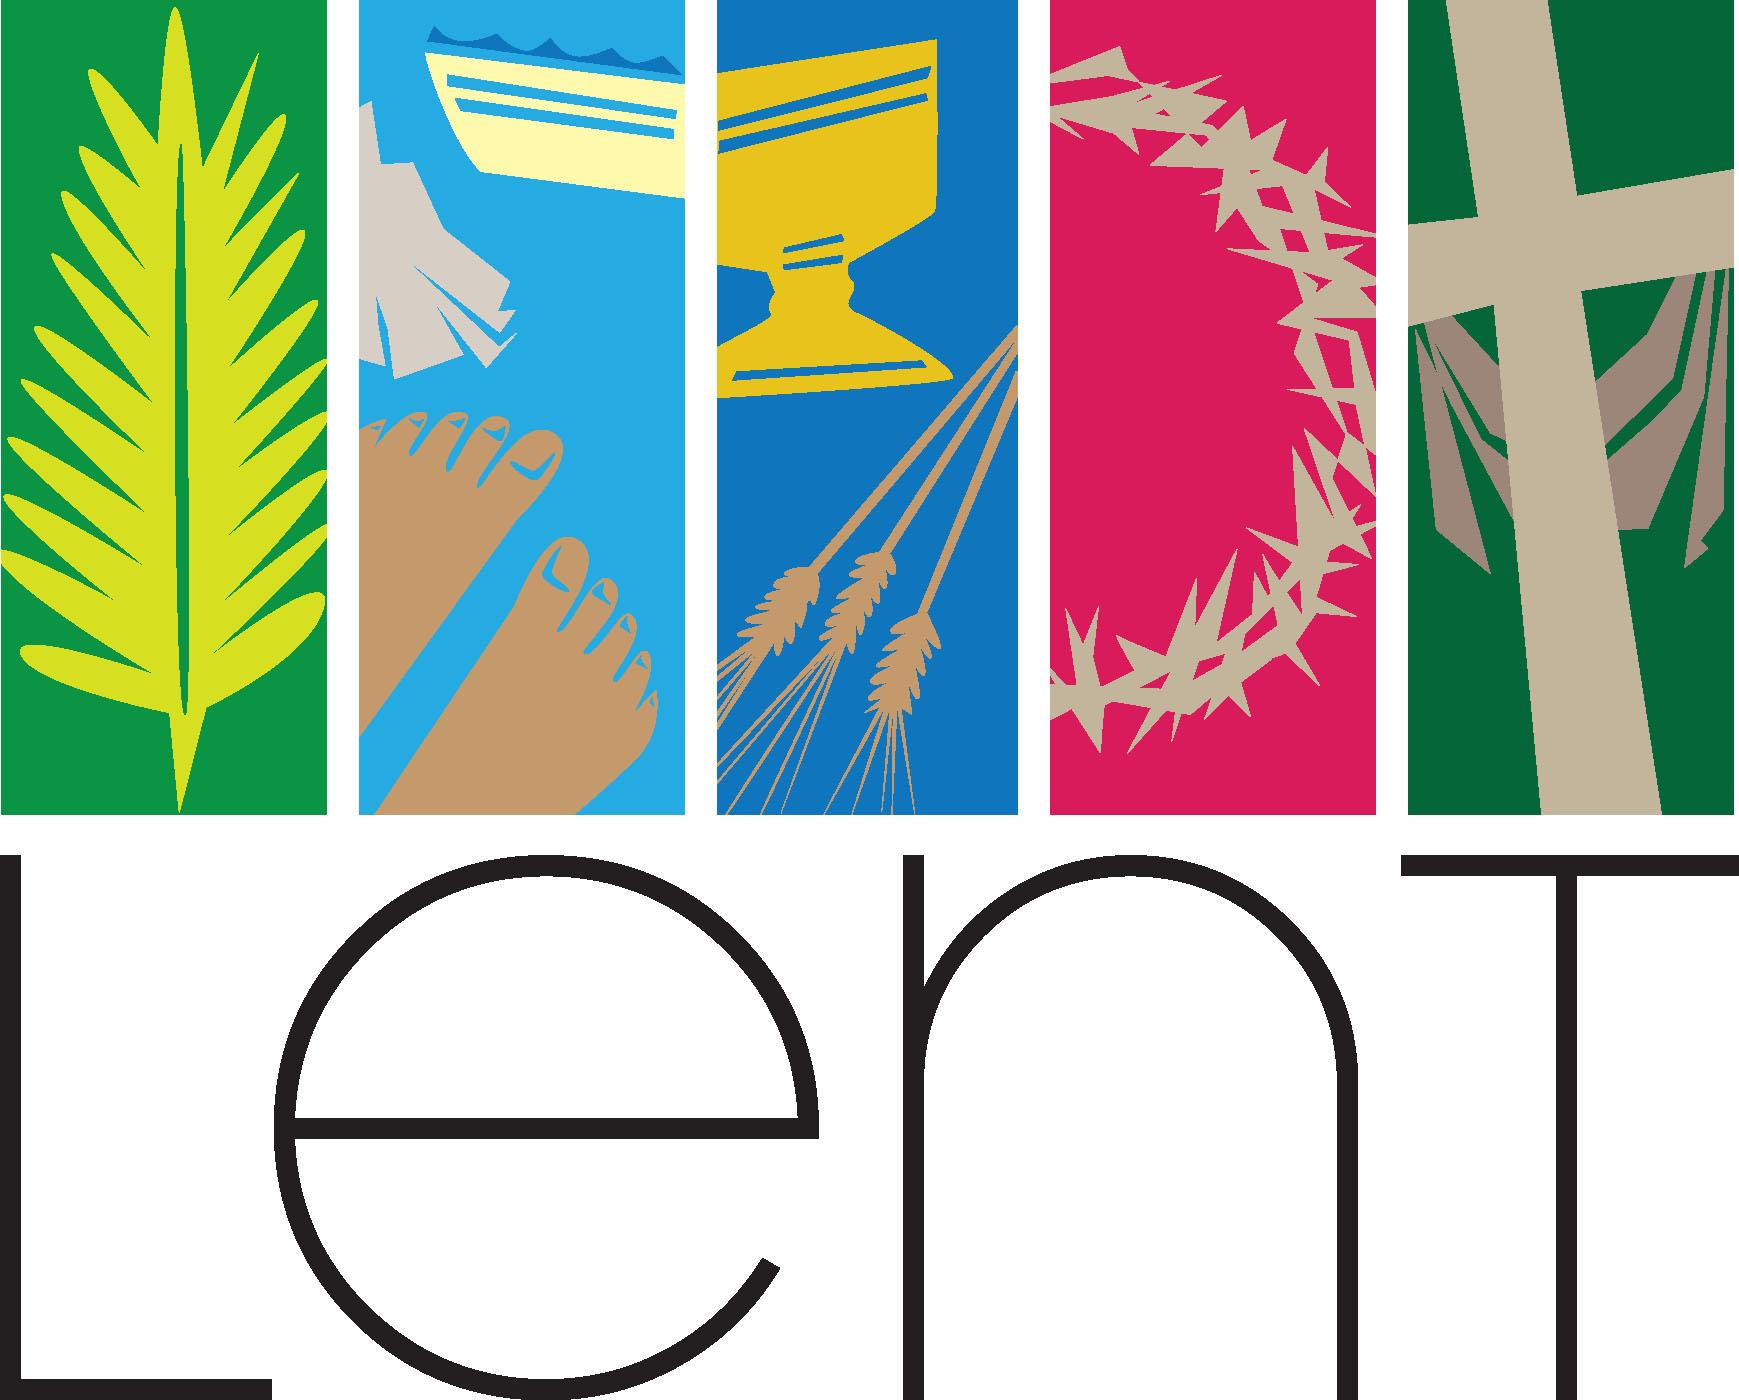 Lenten Clipart Free - Lent Clip Art